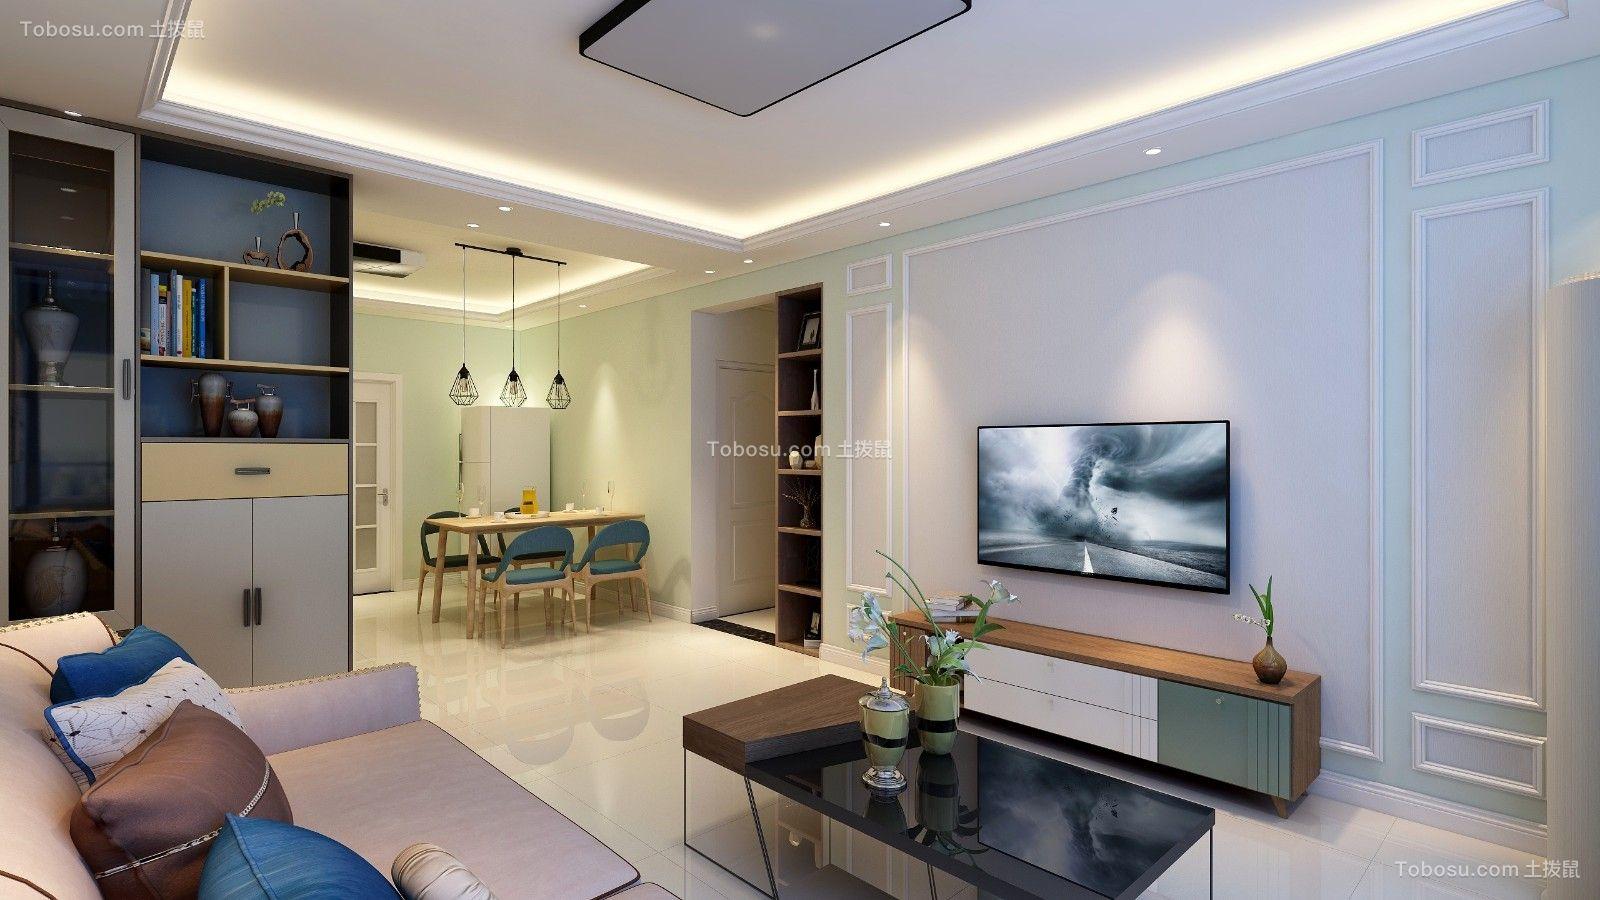 120平米三室一厅现代简约风格装修